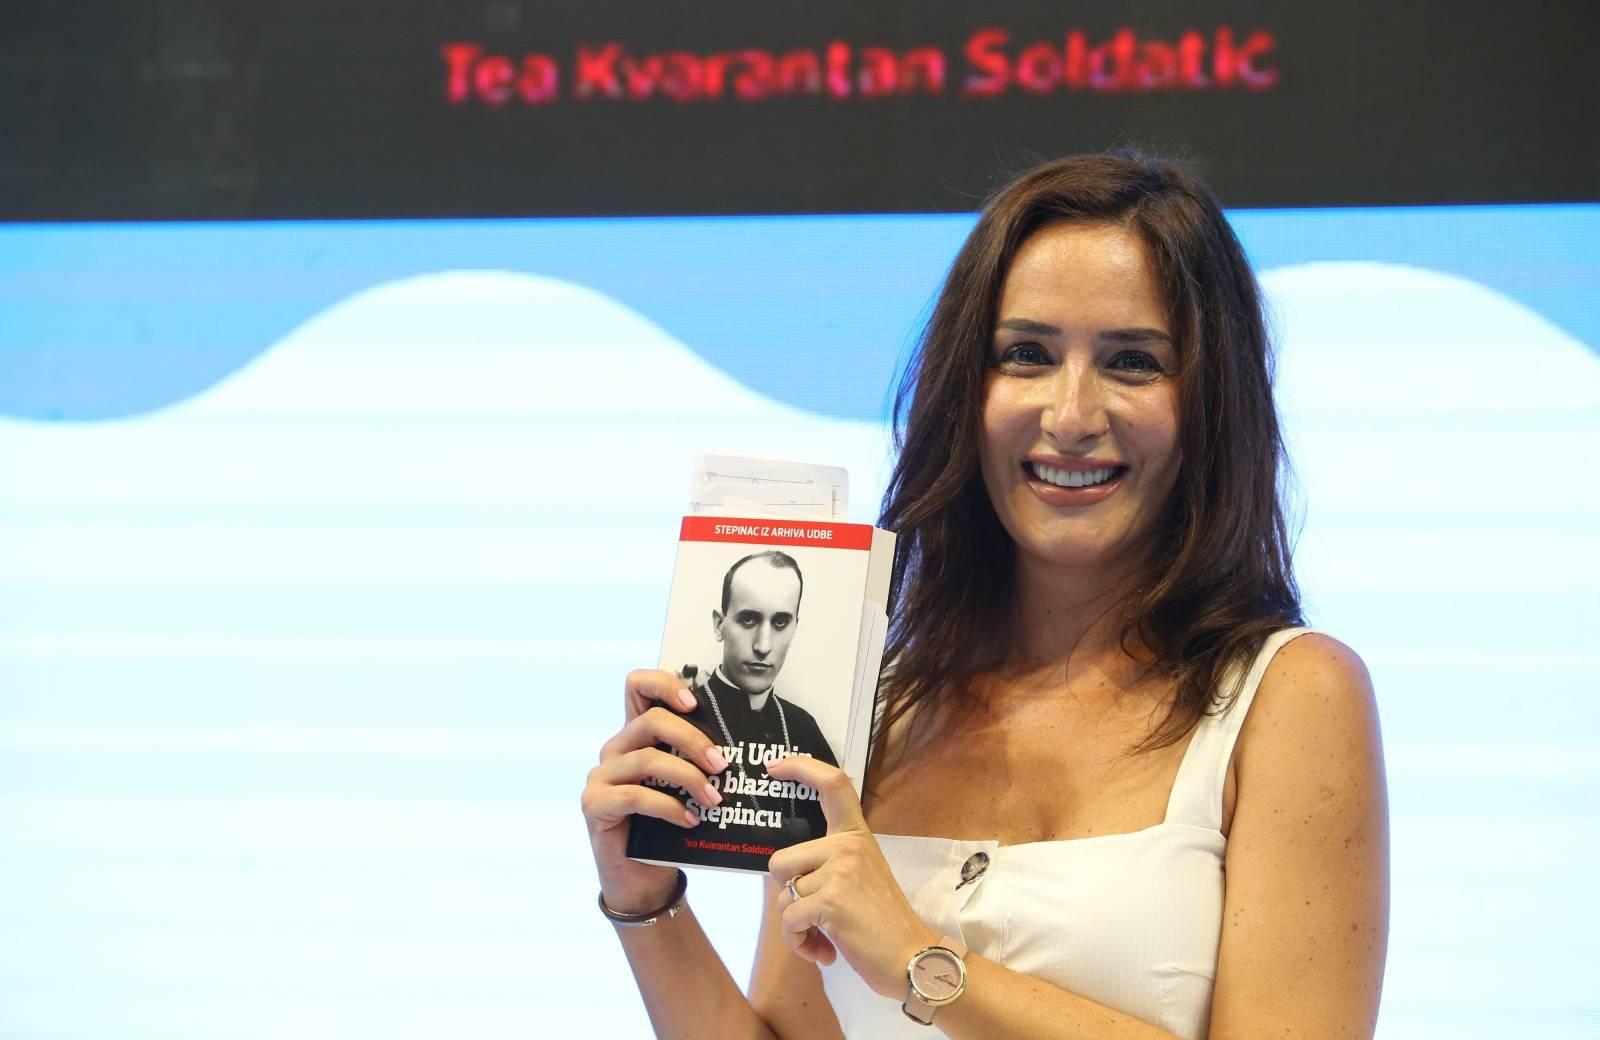 """Split: Promocija knjige Tea Kvarantan Soldatić """"Krvavi Udbin dosje o blaženom Stepincu"""""""